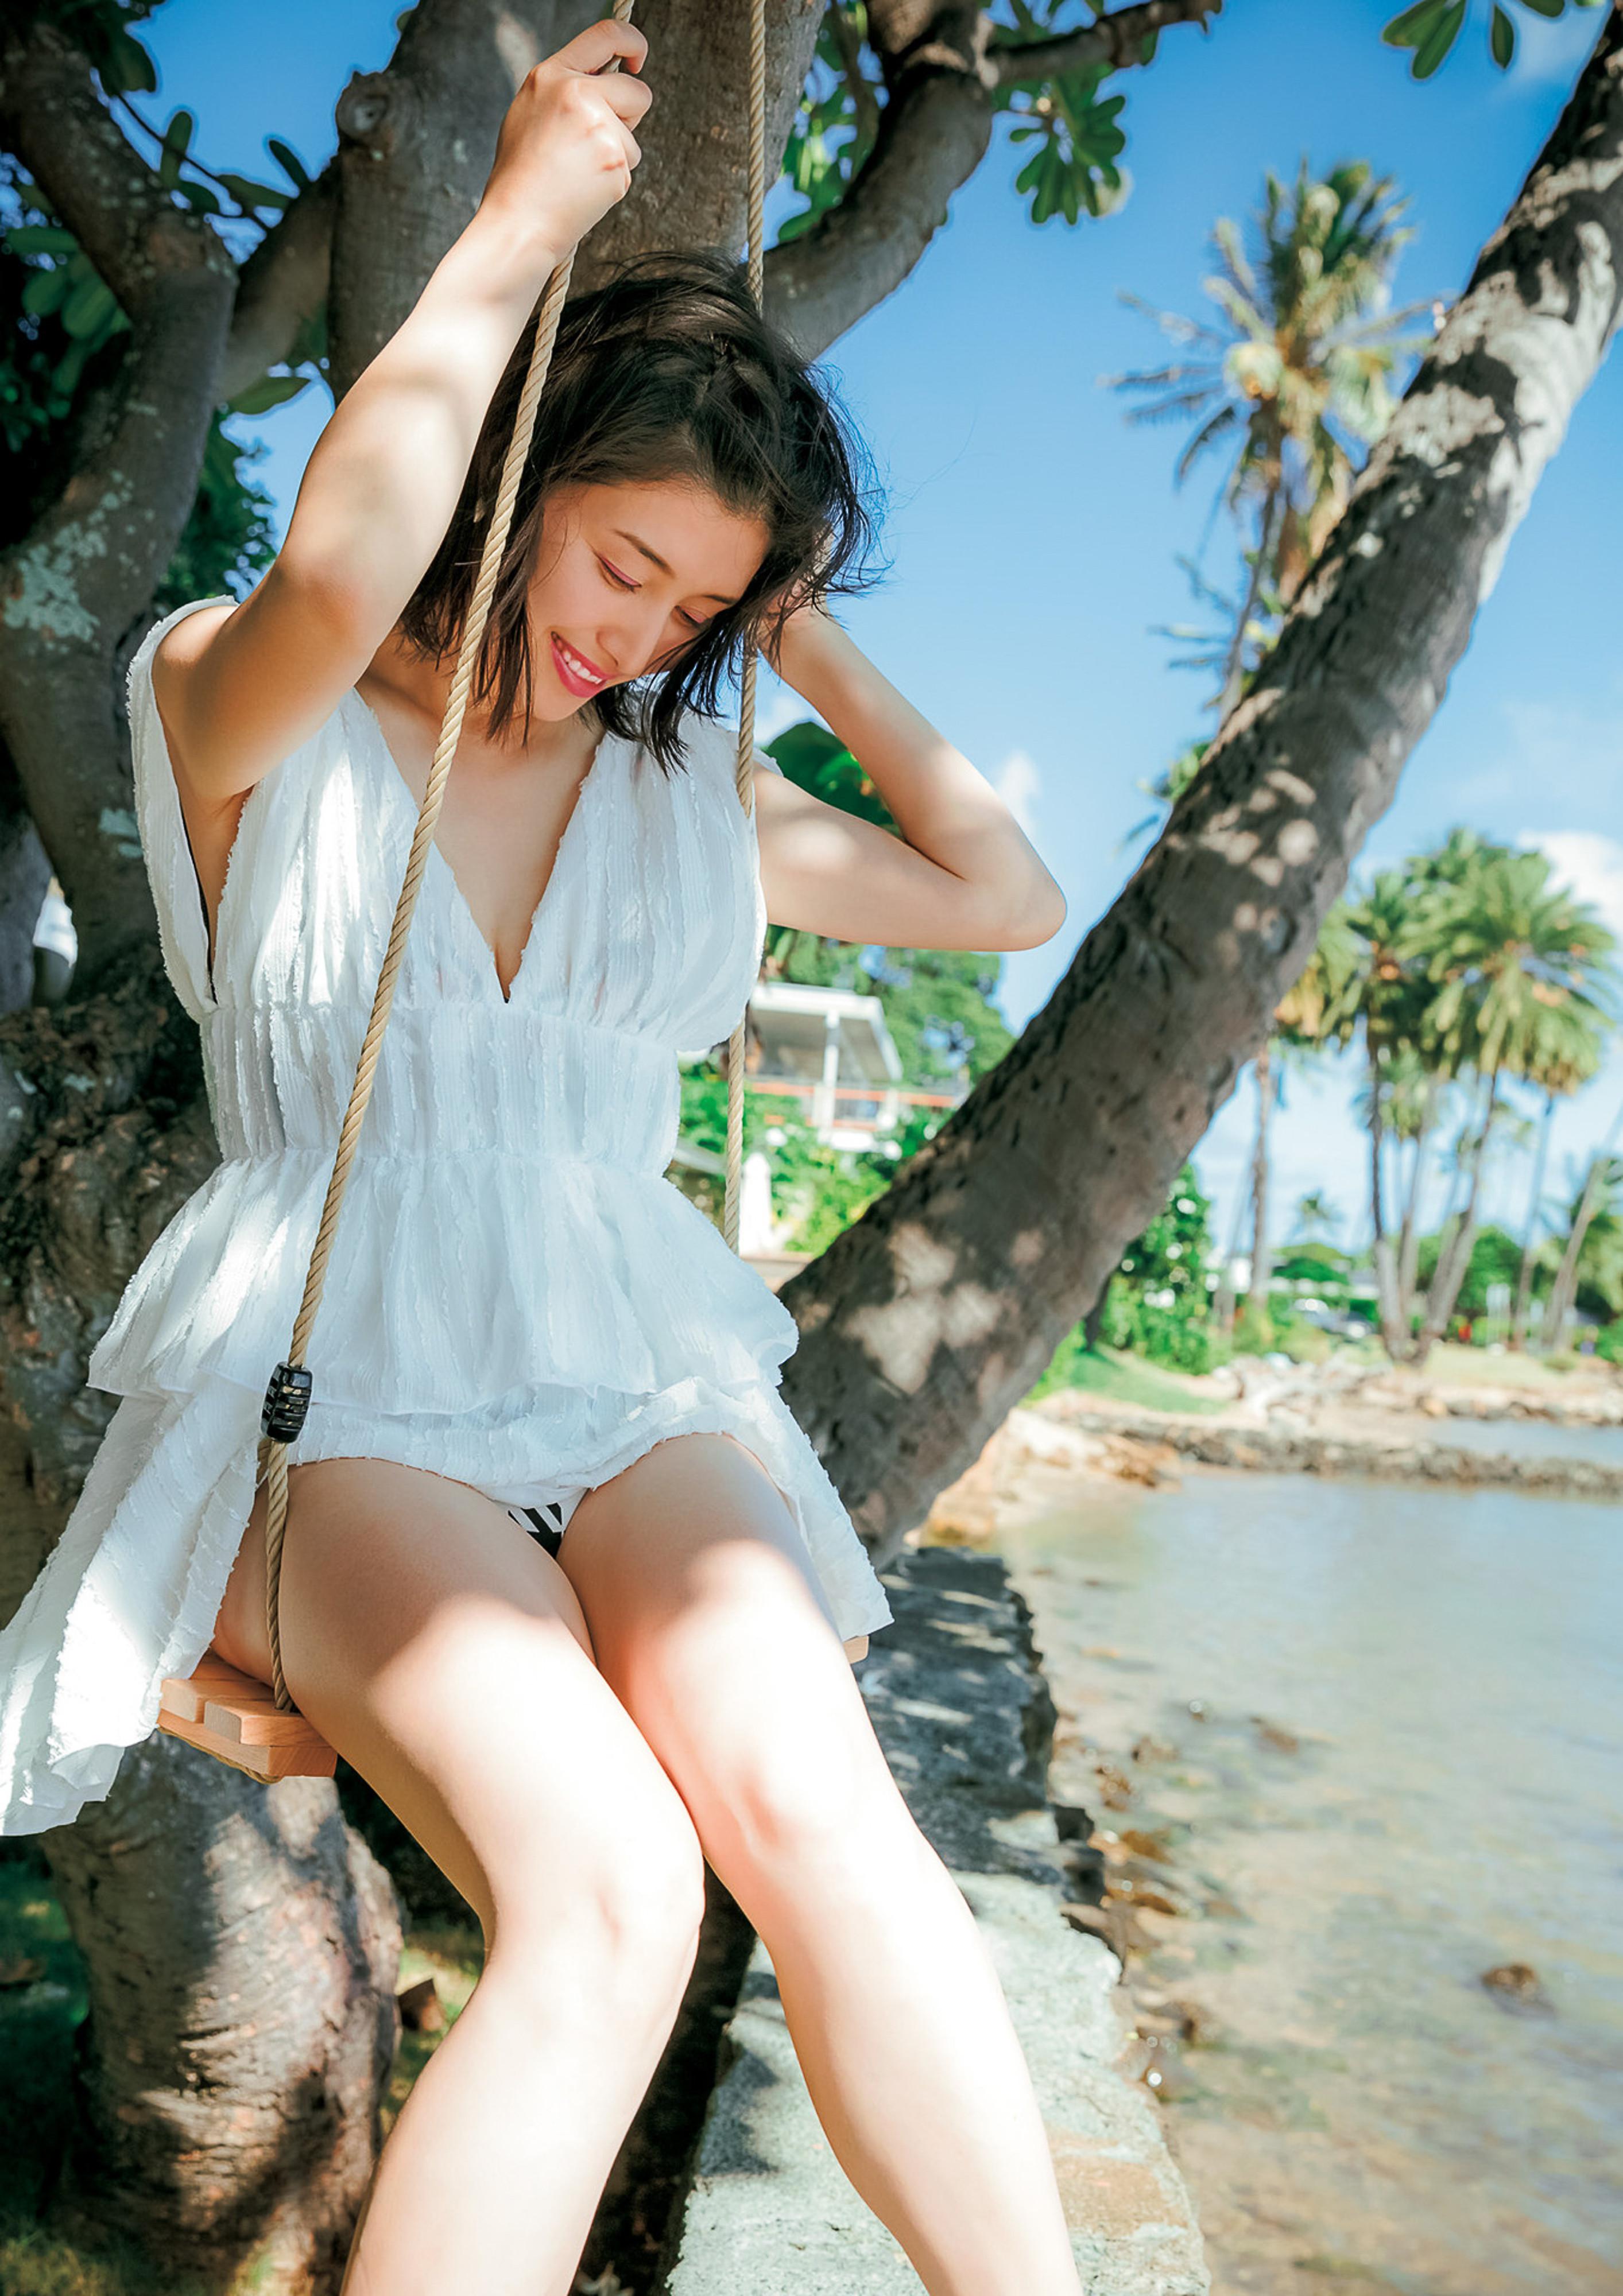 Hashimoto-Manami-db-hugging-in-Hawaii-069